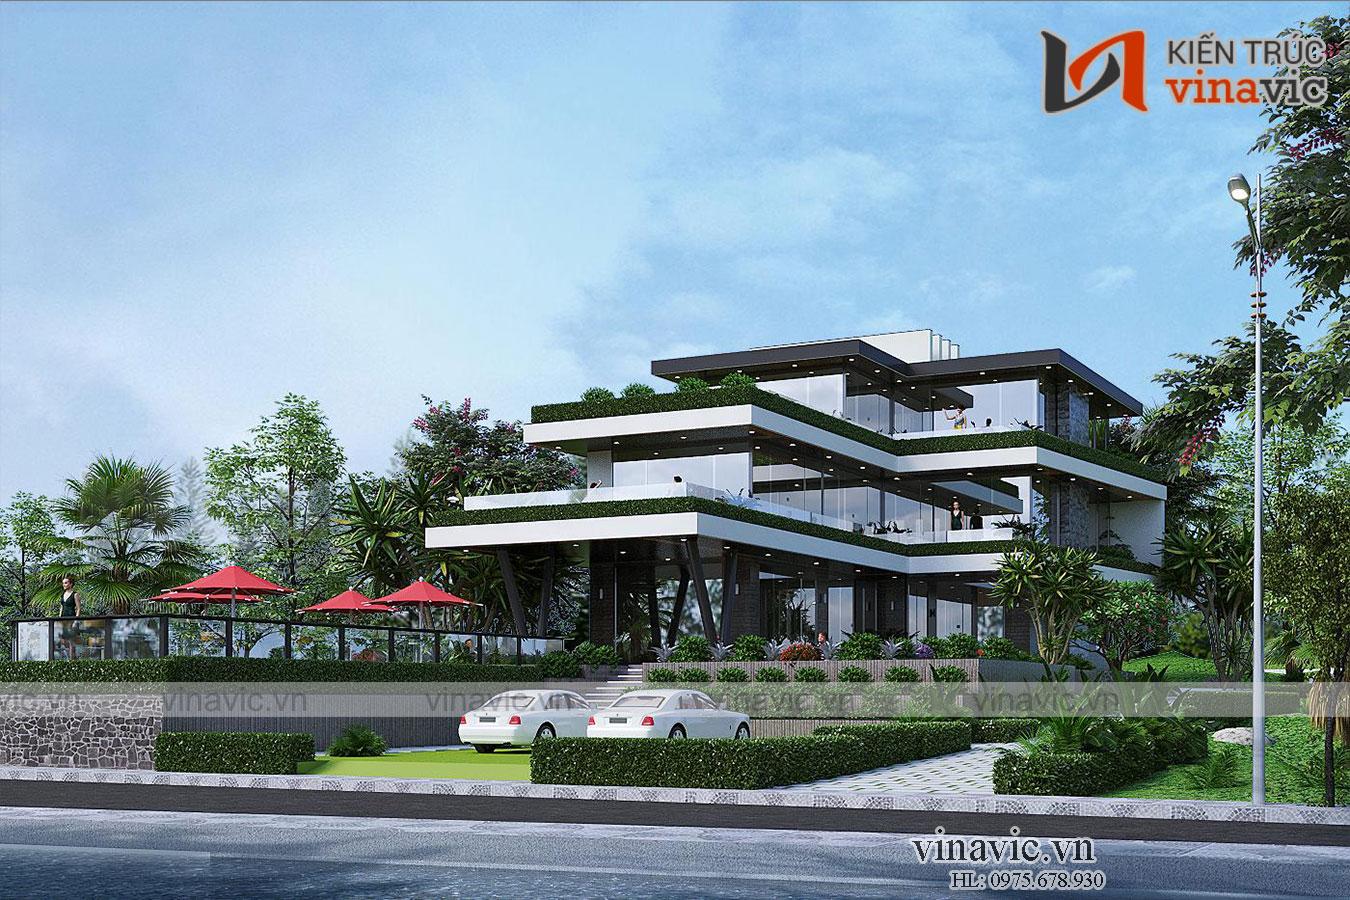 Biệt thự nhà vườn hiện đại 3 tầng mặt tiền rộng 10m sâu 20m BT2015